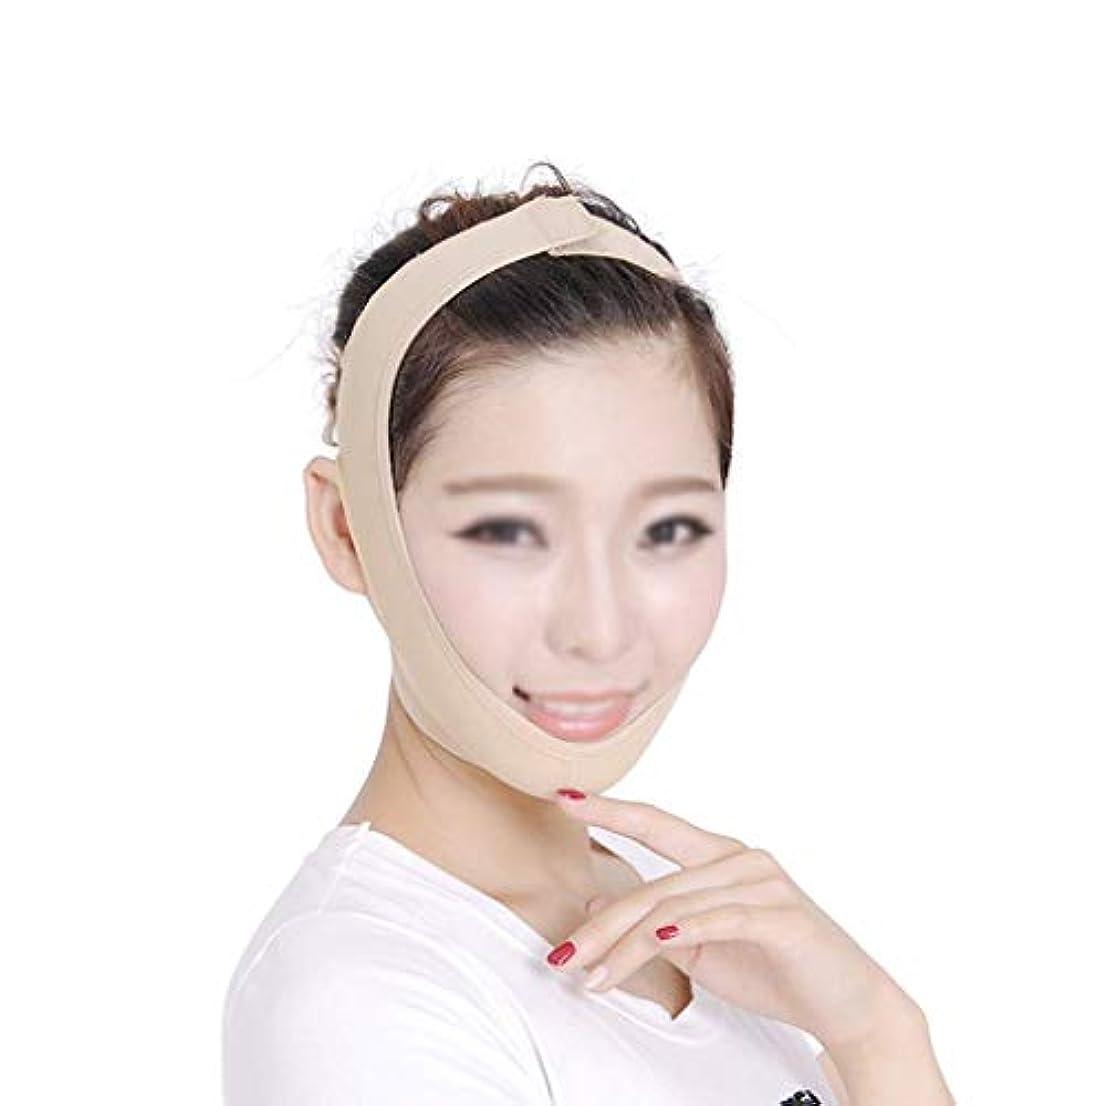 何愛されし者コックフェイシャル減量マスクリフティングフェイス、フェイスマスク、減量包帯を除去するためのダブルチン、フェイシャルリフティング包帯、ダブルチンを減らすためのリフティングベルト(カラー:ブラック、サイズ:M),イエローピンク、S